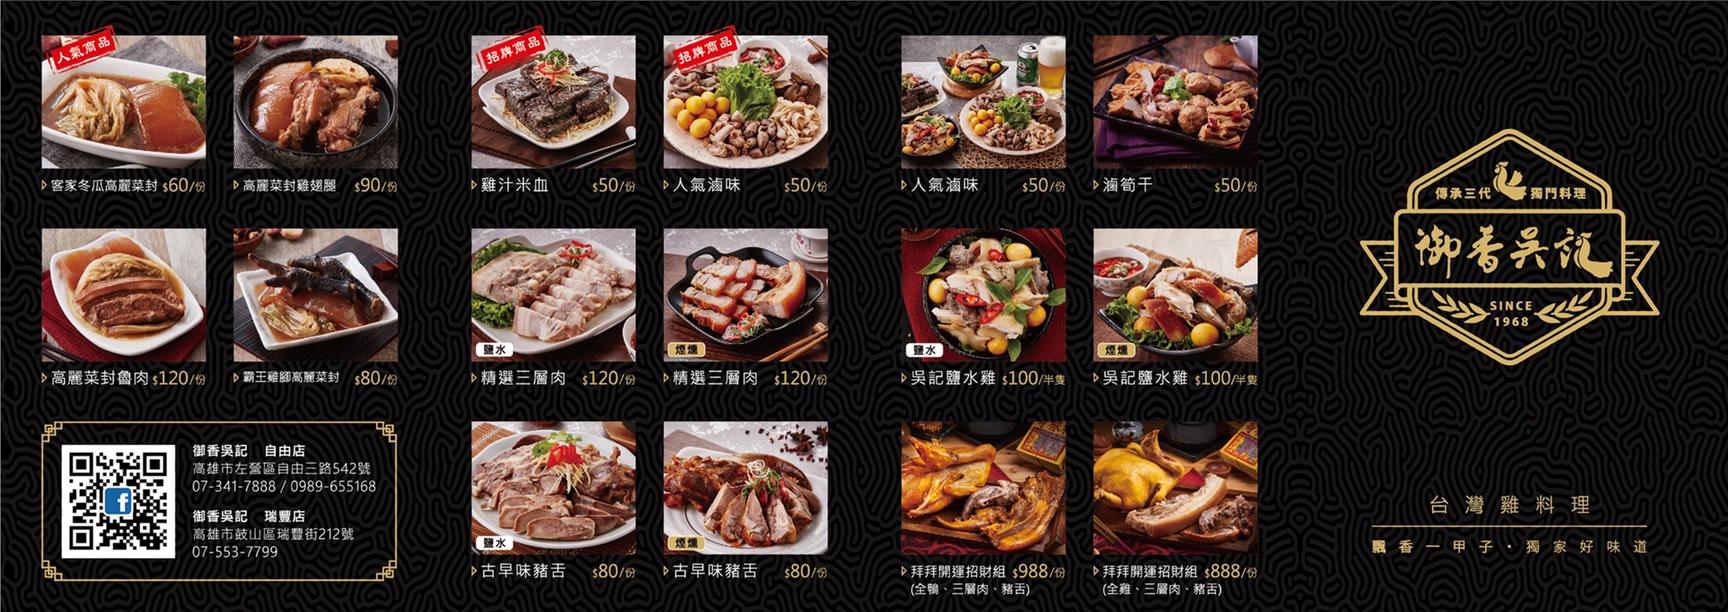 御香吳記2019菜單-2